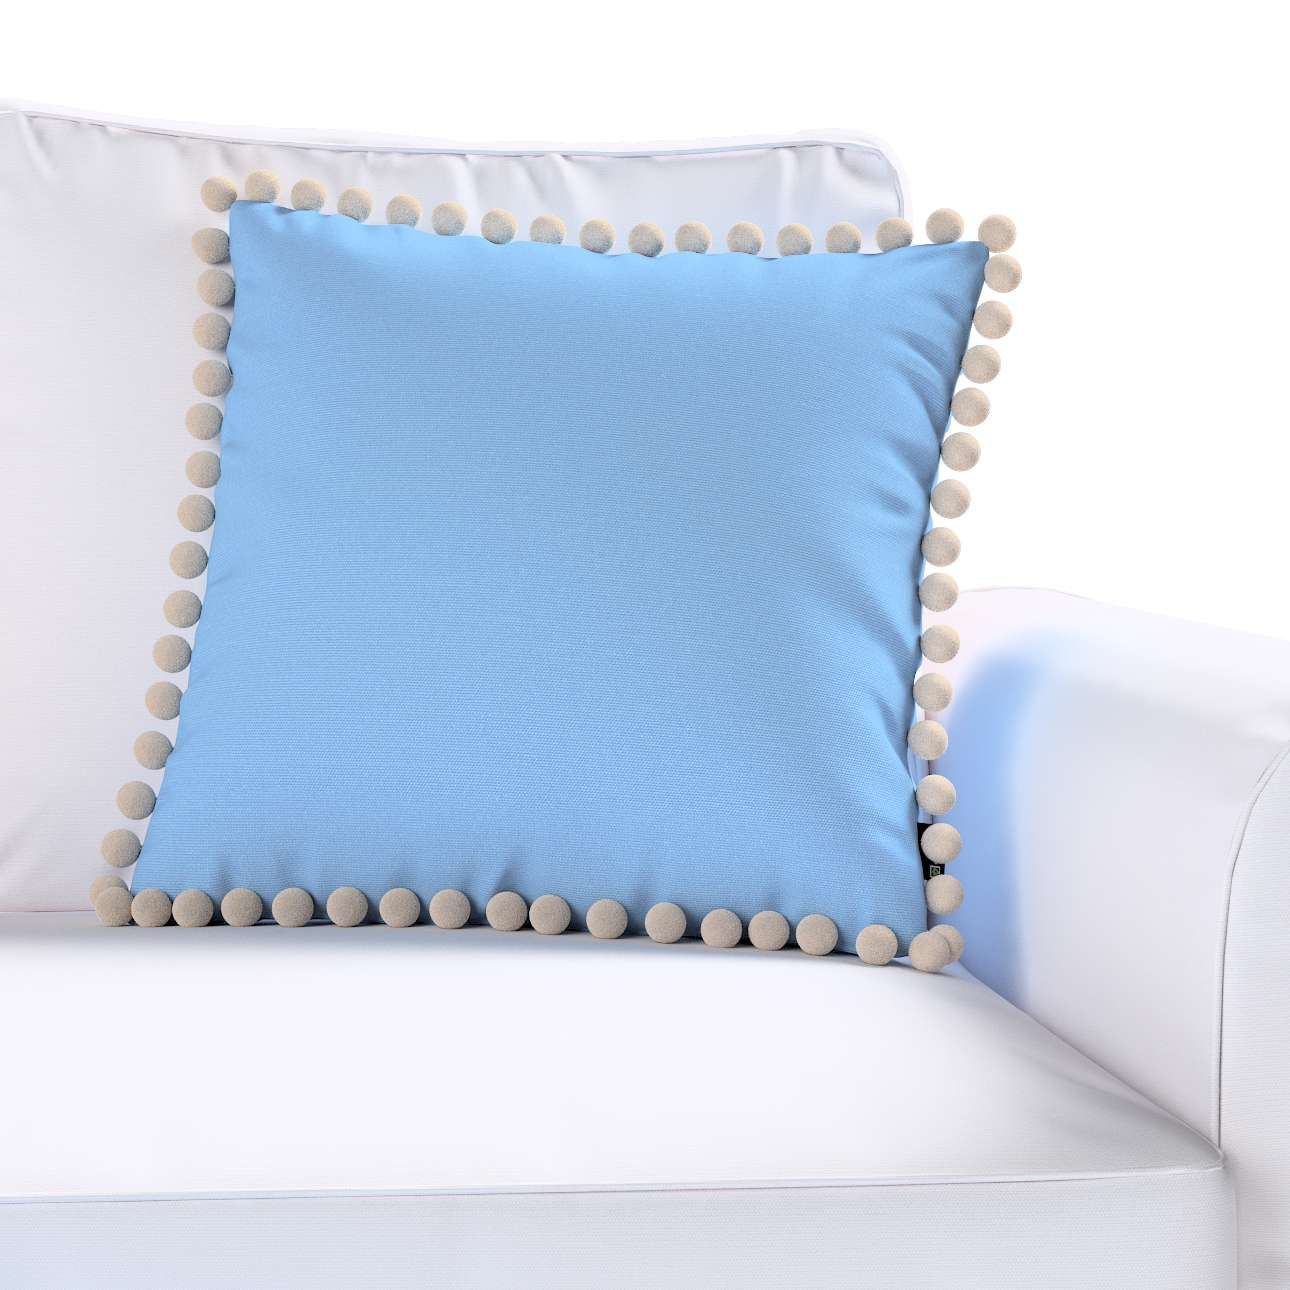 Poszewka Wera na poduszkę 45 x 45 cm w kolekcji Loneta, tkanina: 133-21